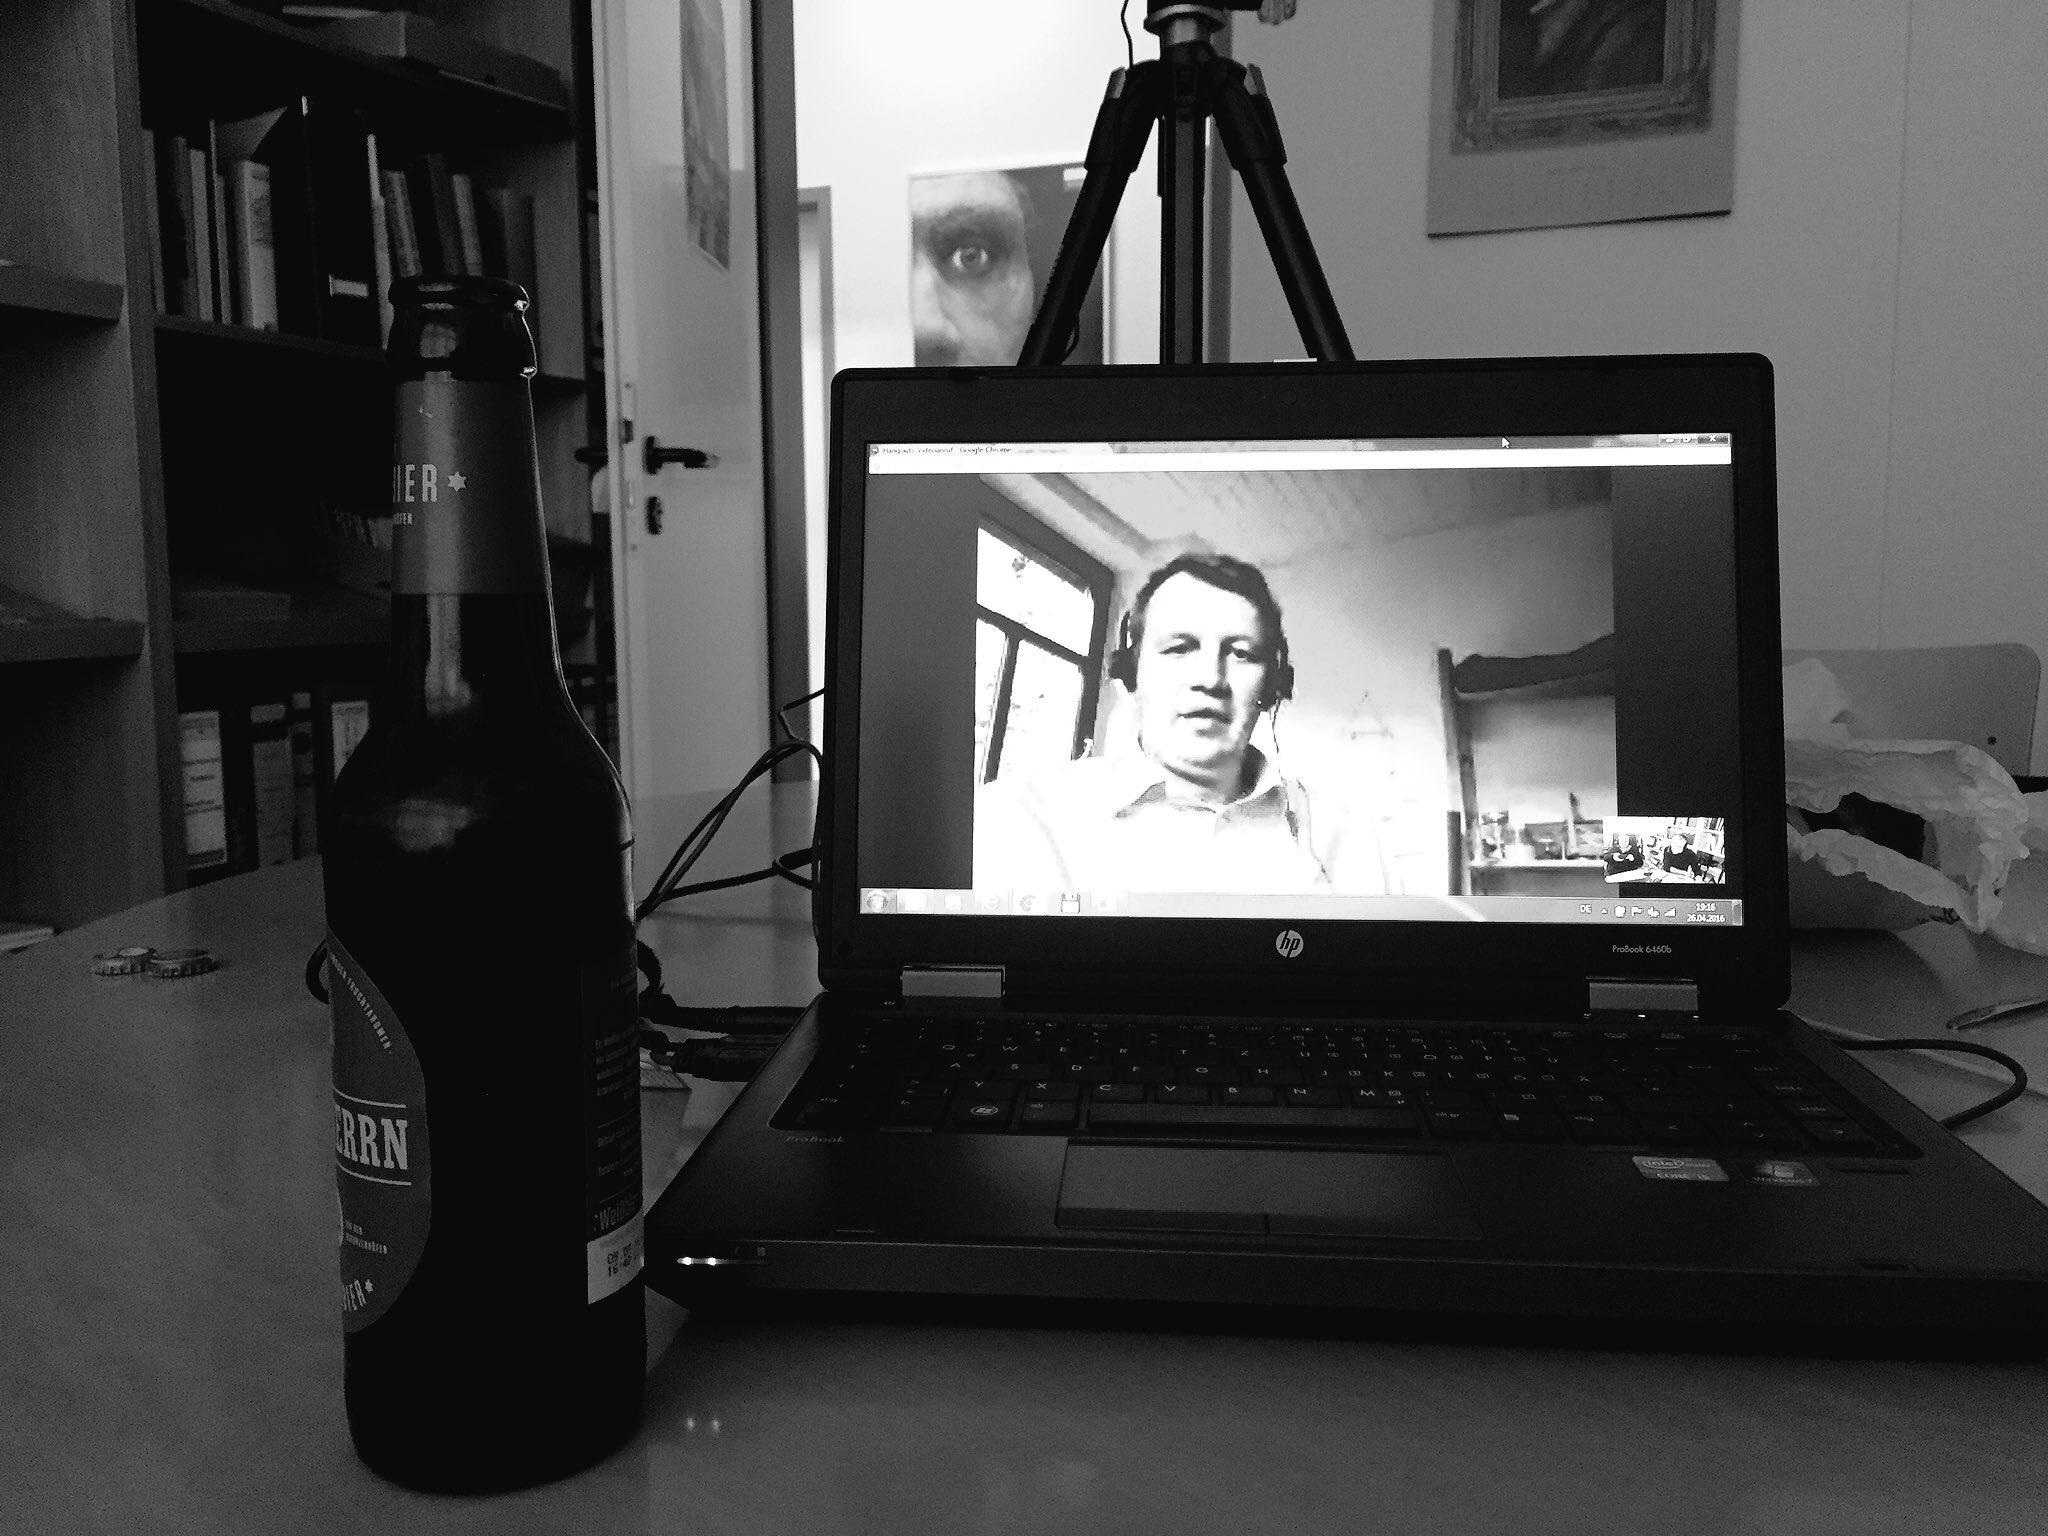 Archäologie digital - Kai-Christian Bruhn ist virtuell in Bild und vor allem Ton dabei